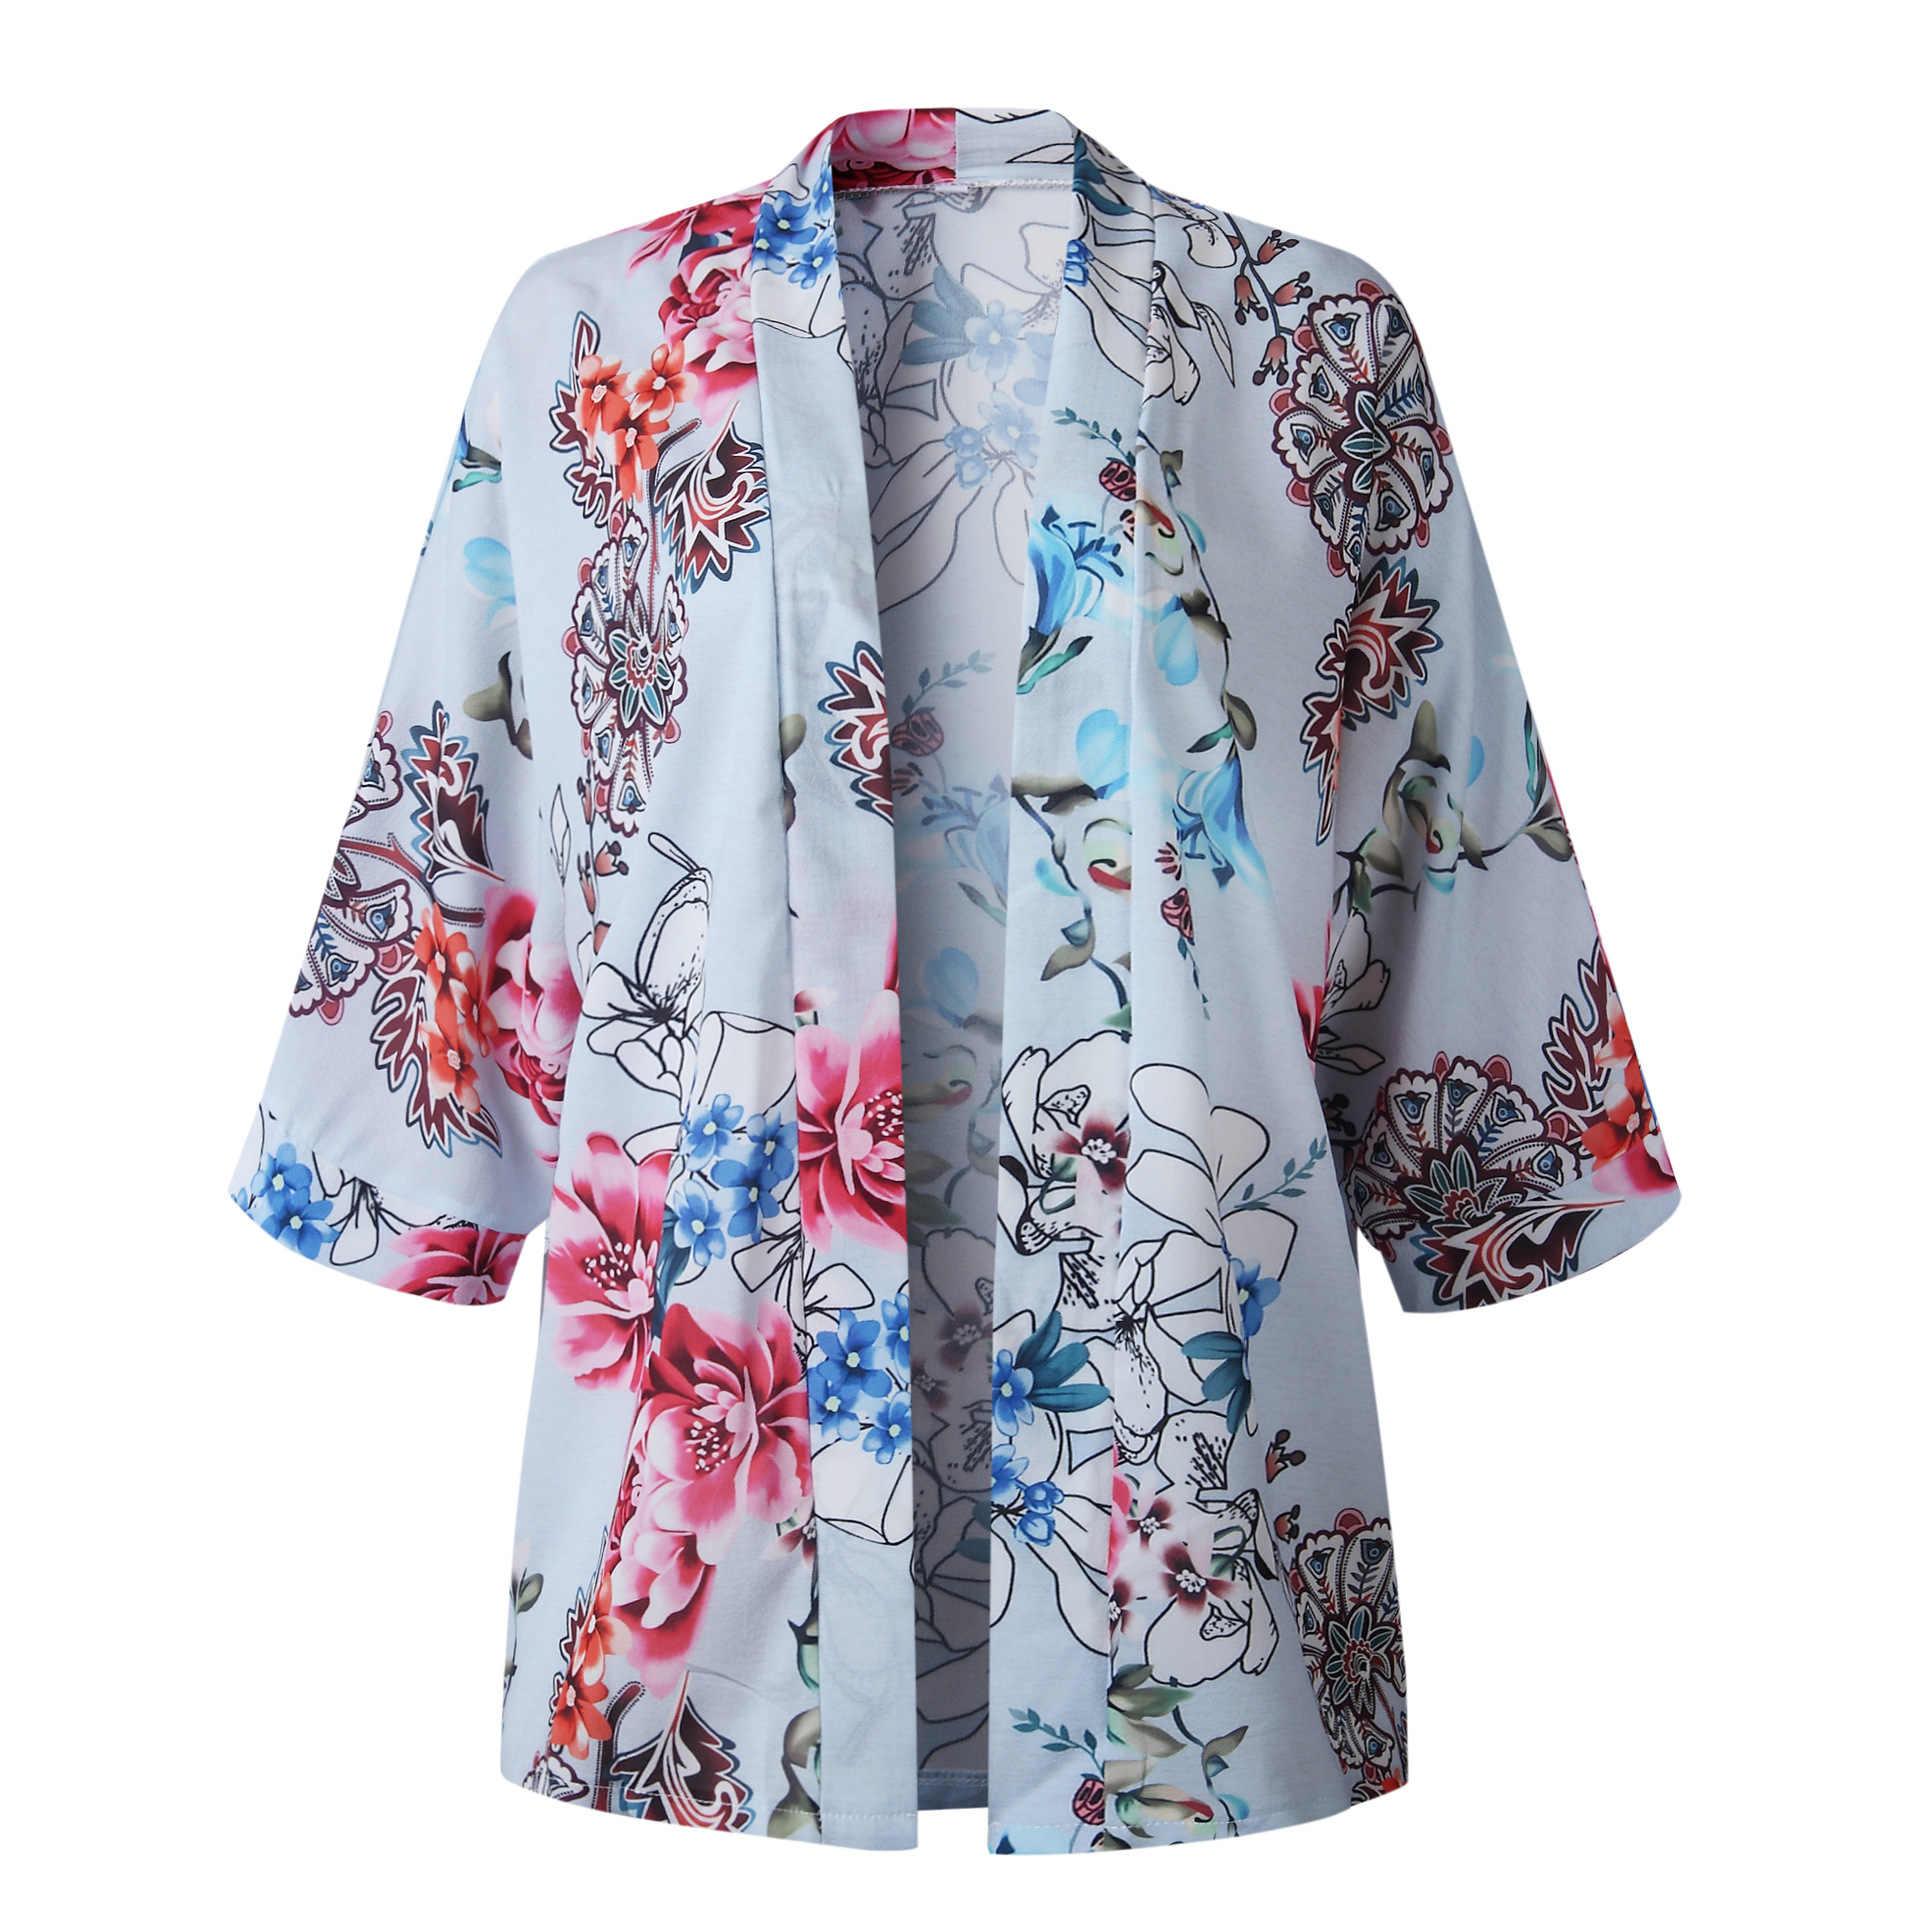 קיץ נשים חולצות אופנה פרחוני מודפס שיפון חולצה חולצה קימונו מזדמן 3/4 שרוול חוף קרדיגן Loose נשים בגדים